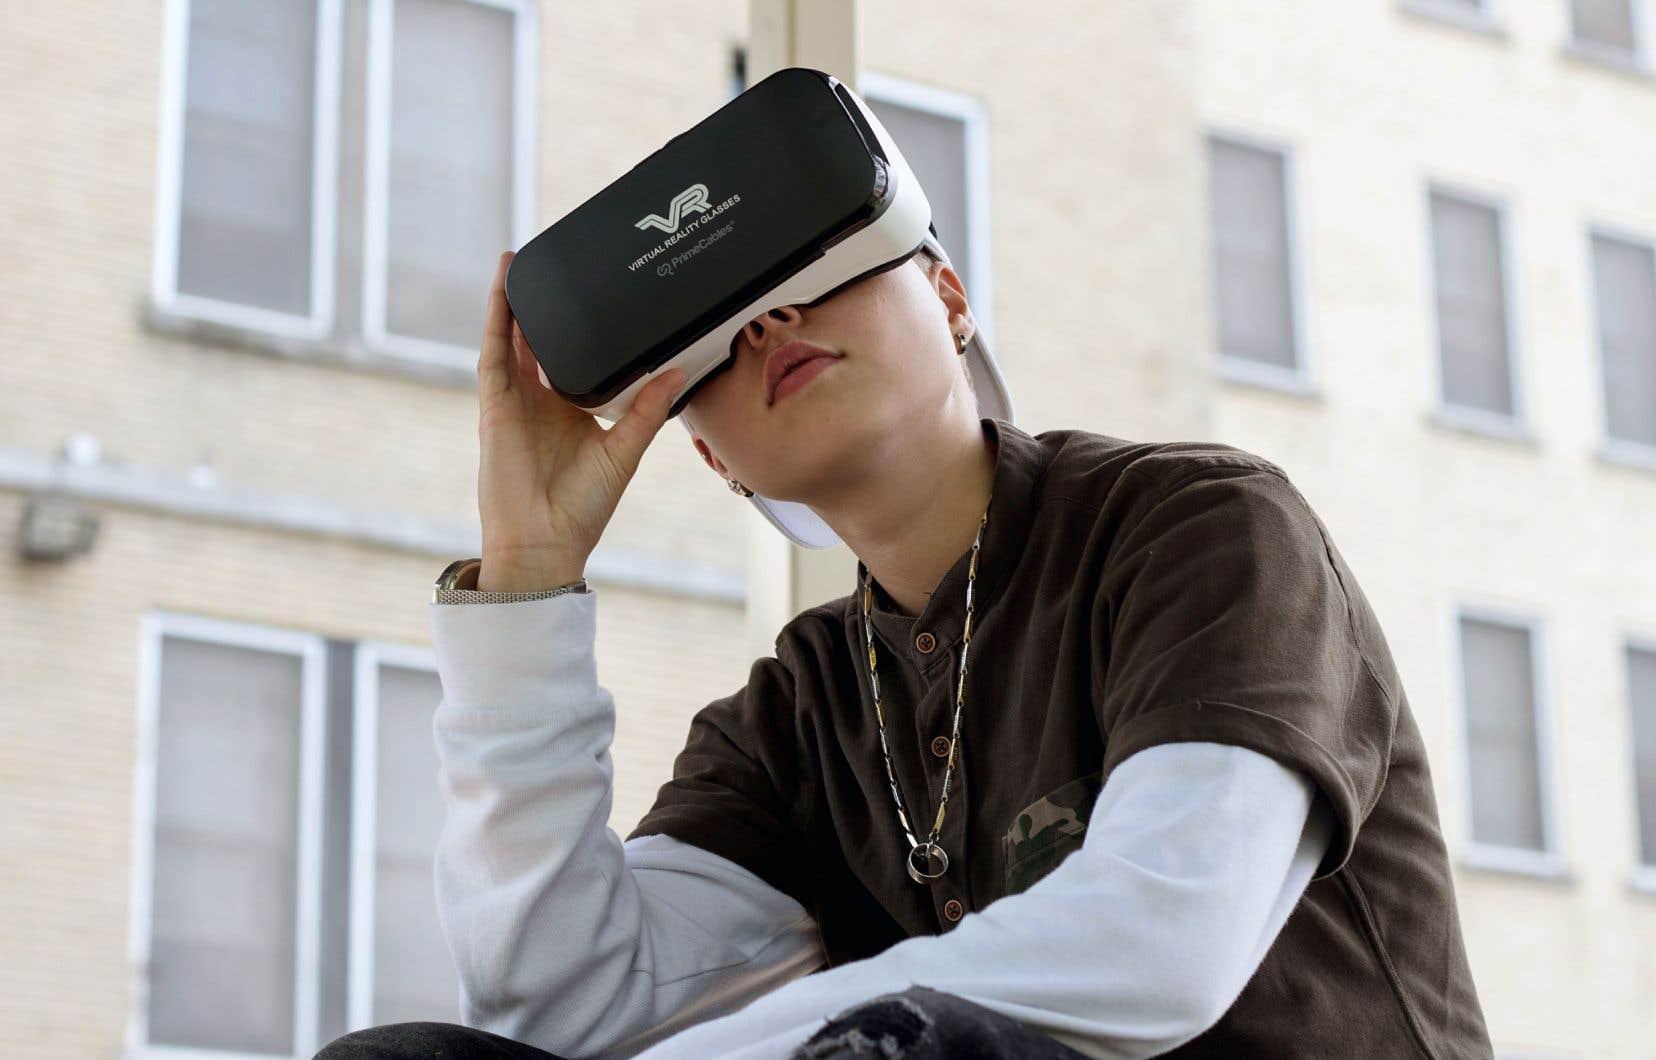 «Avec la réalité virtuelle, les jeunes filles se disaient: ils vont être obligés de nous écouter. Ils n'auront pas le choix. Ils vont voir c'est quoi, notre réalité», affirme la coréalisatrice Mélina Desrosiers.